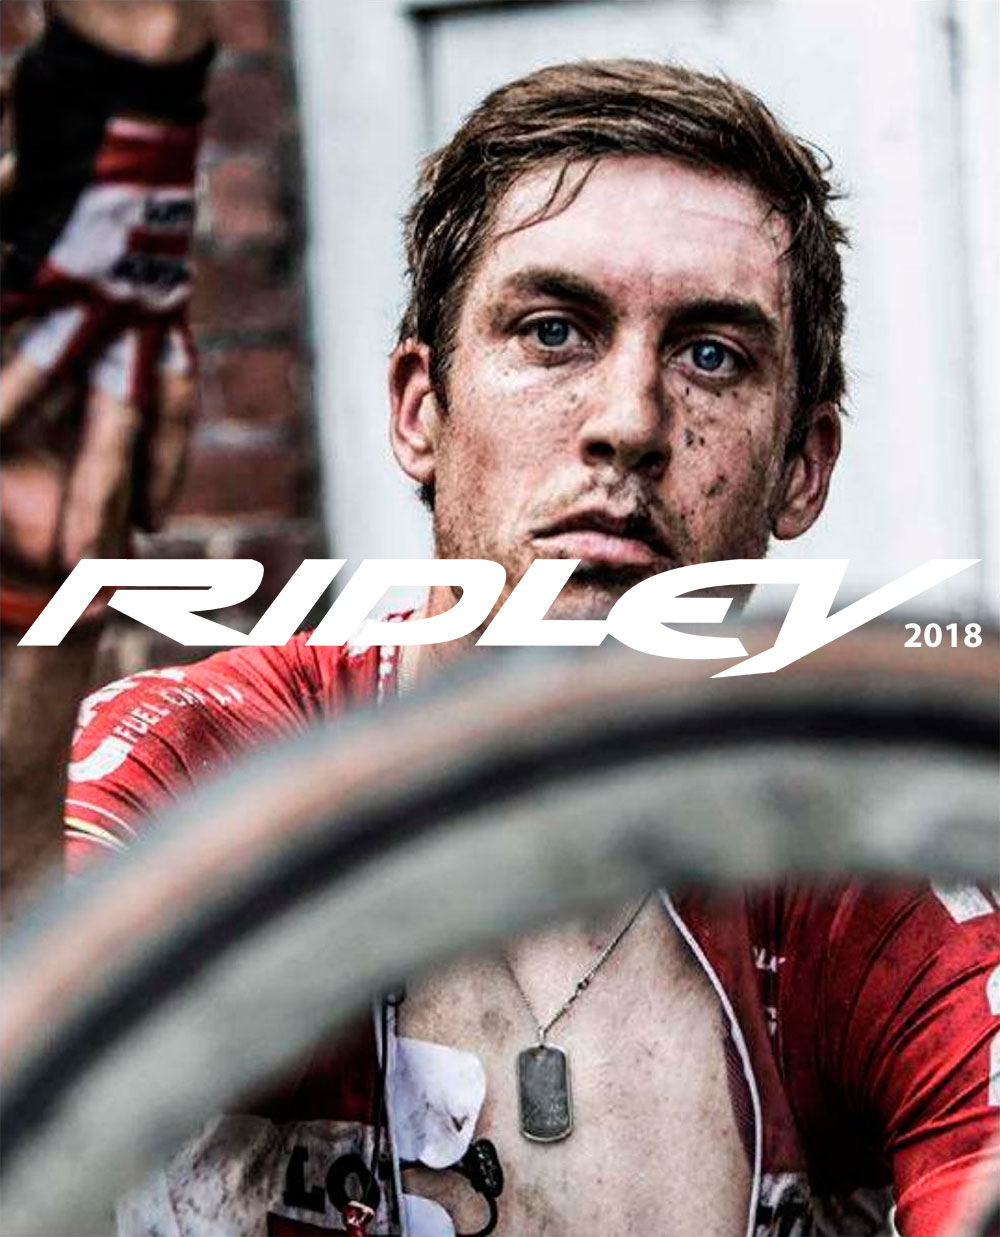 En TodoMountainBike: Catálogo de Ridley 2018. Toda la gama de bicicletas Ridley para la temporada 2018